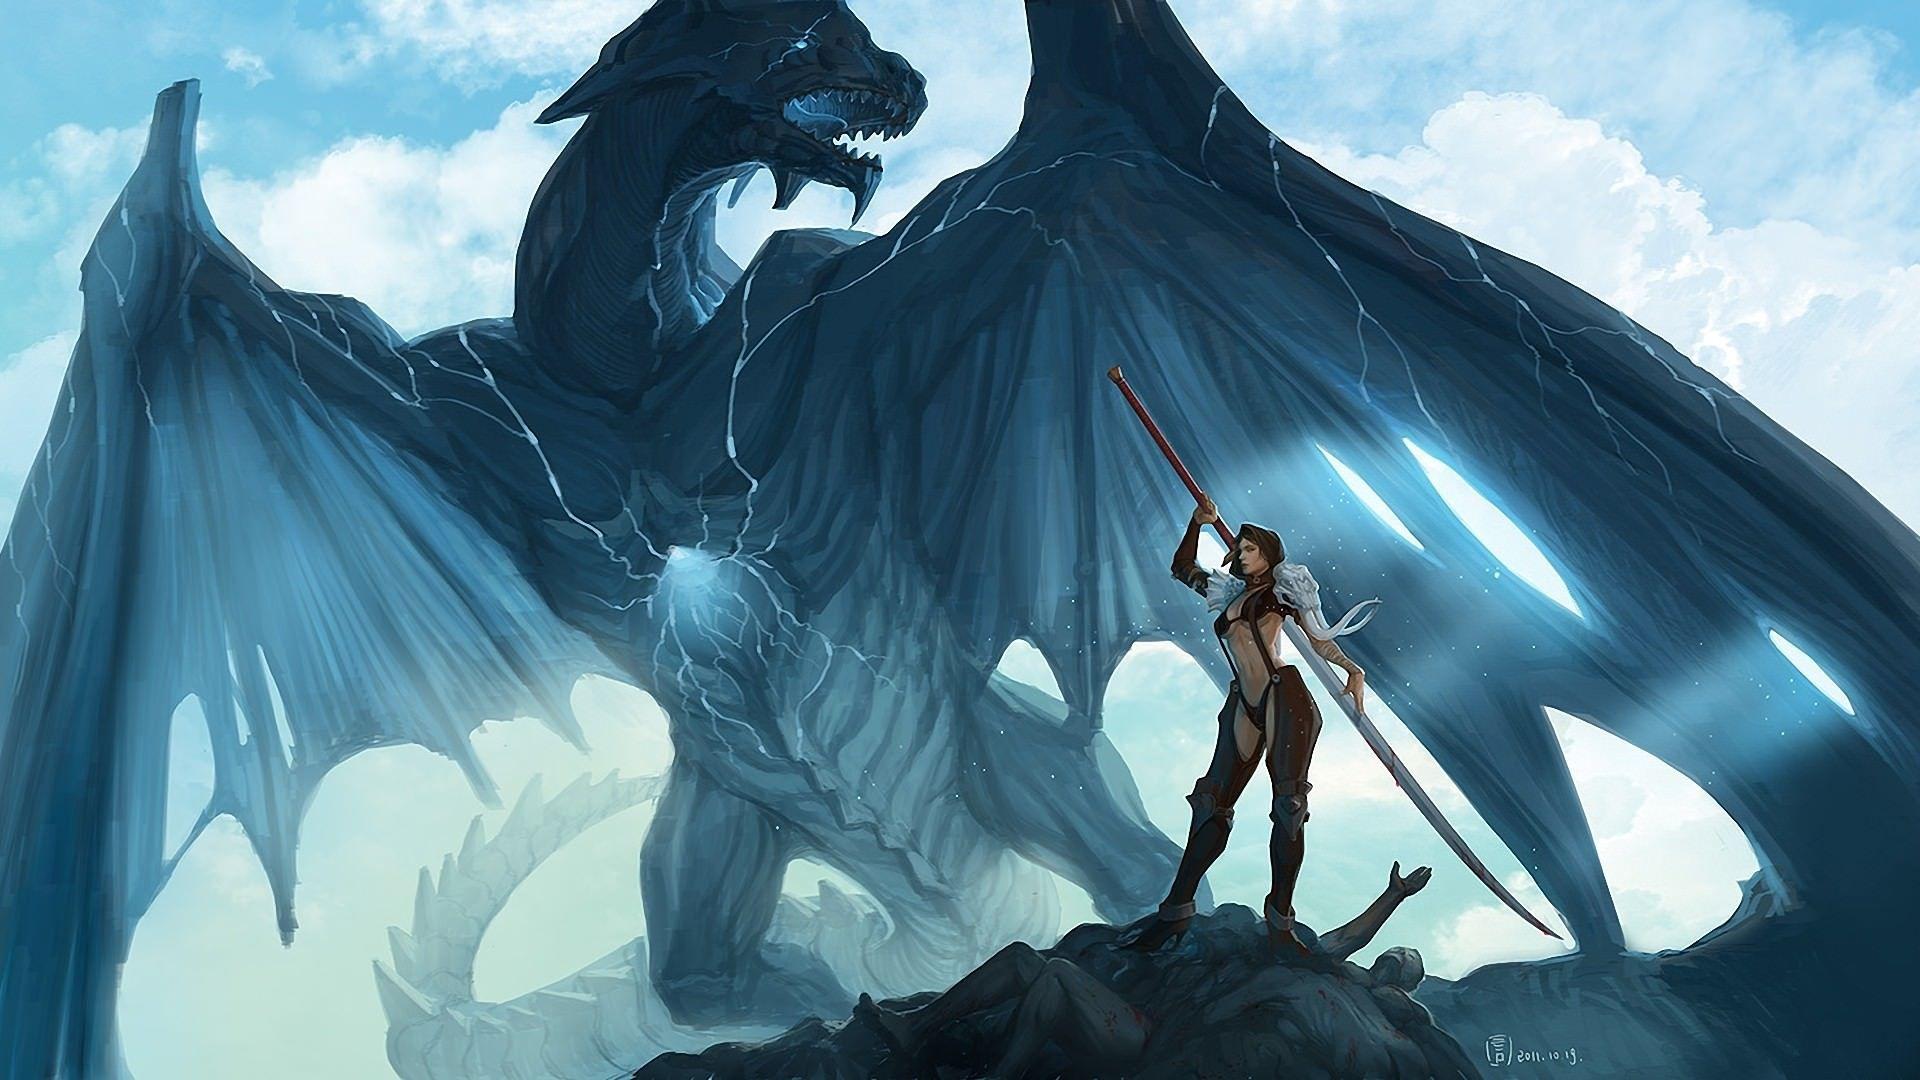 Epic Black Dragon Wallpaper HD Wallpapers 1920x1080 Px 24486 KB